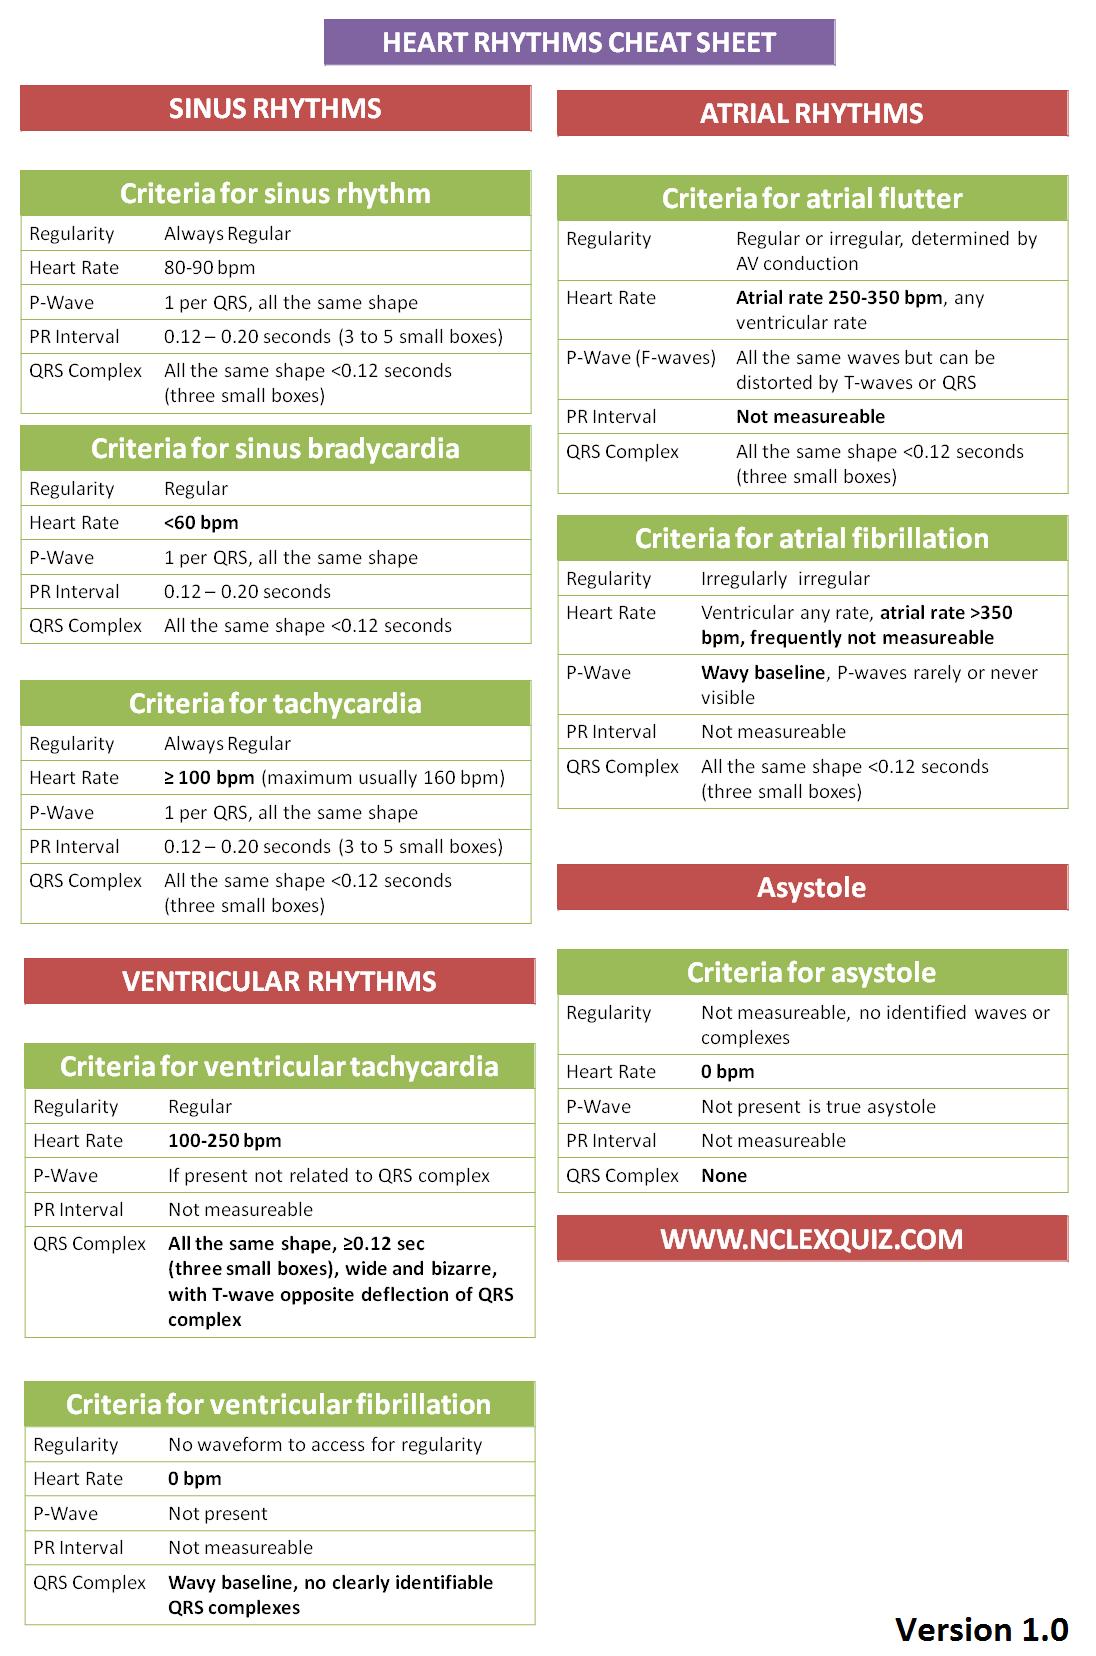 Criteria For Interpreting Cardiac Rhythms Cheatsheet